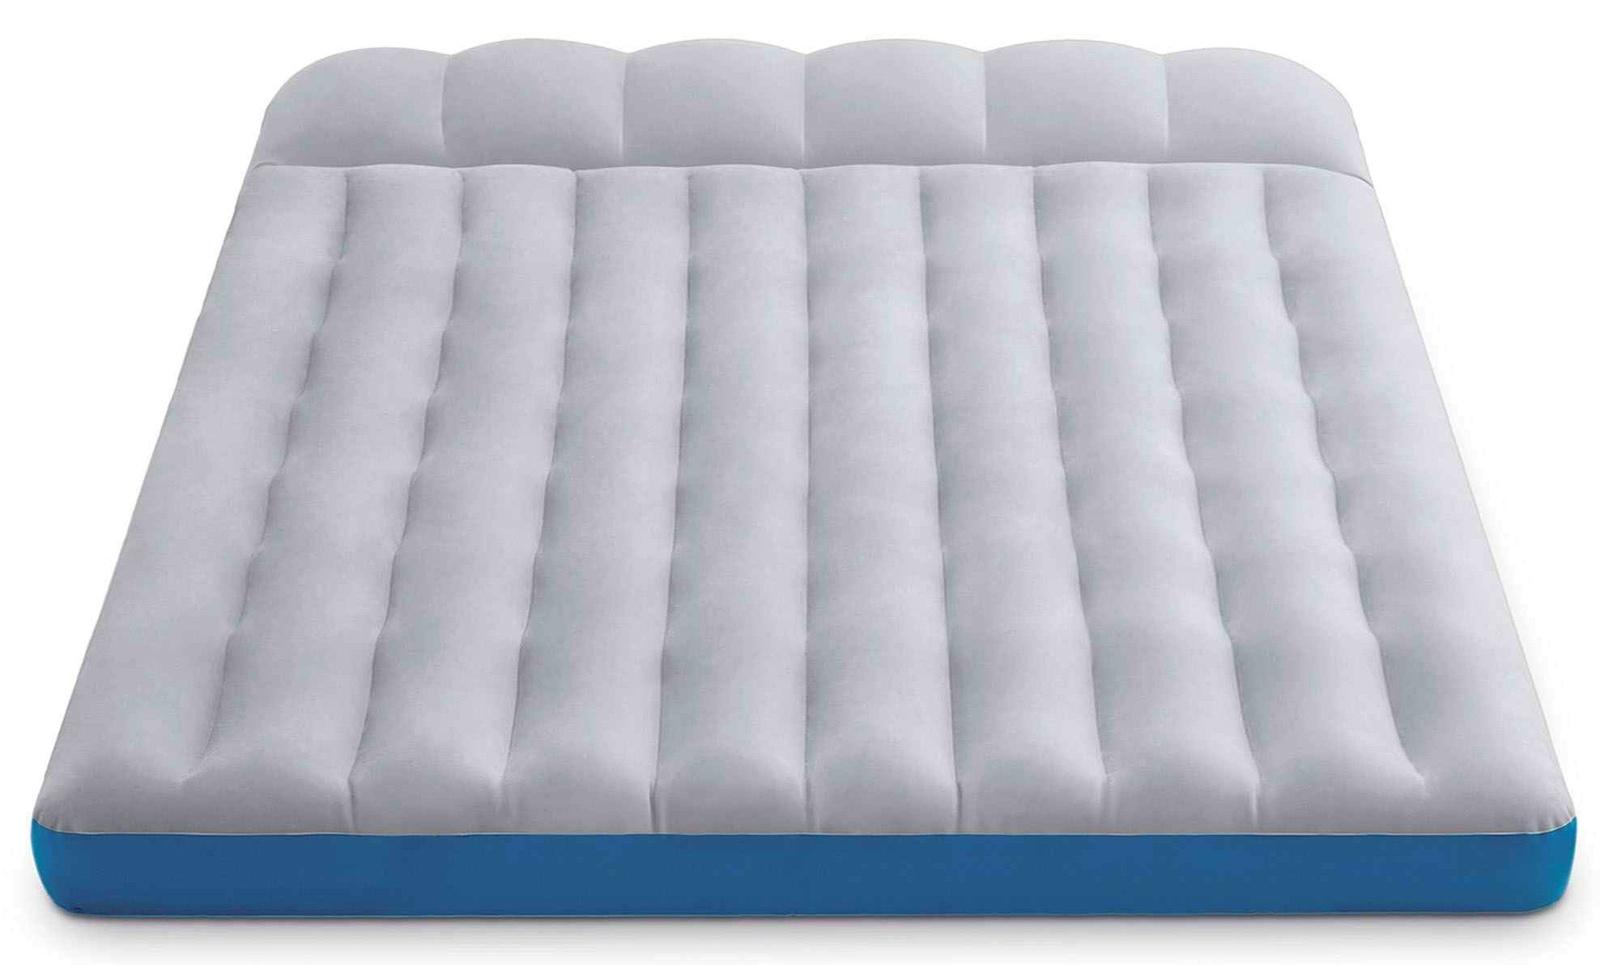 Матрас надувной INTEX CAMPING MAT, 67999, белый, голубой